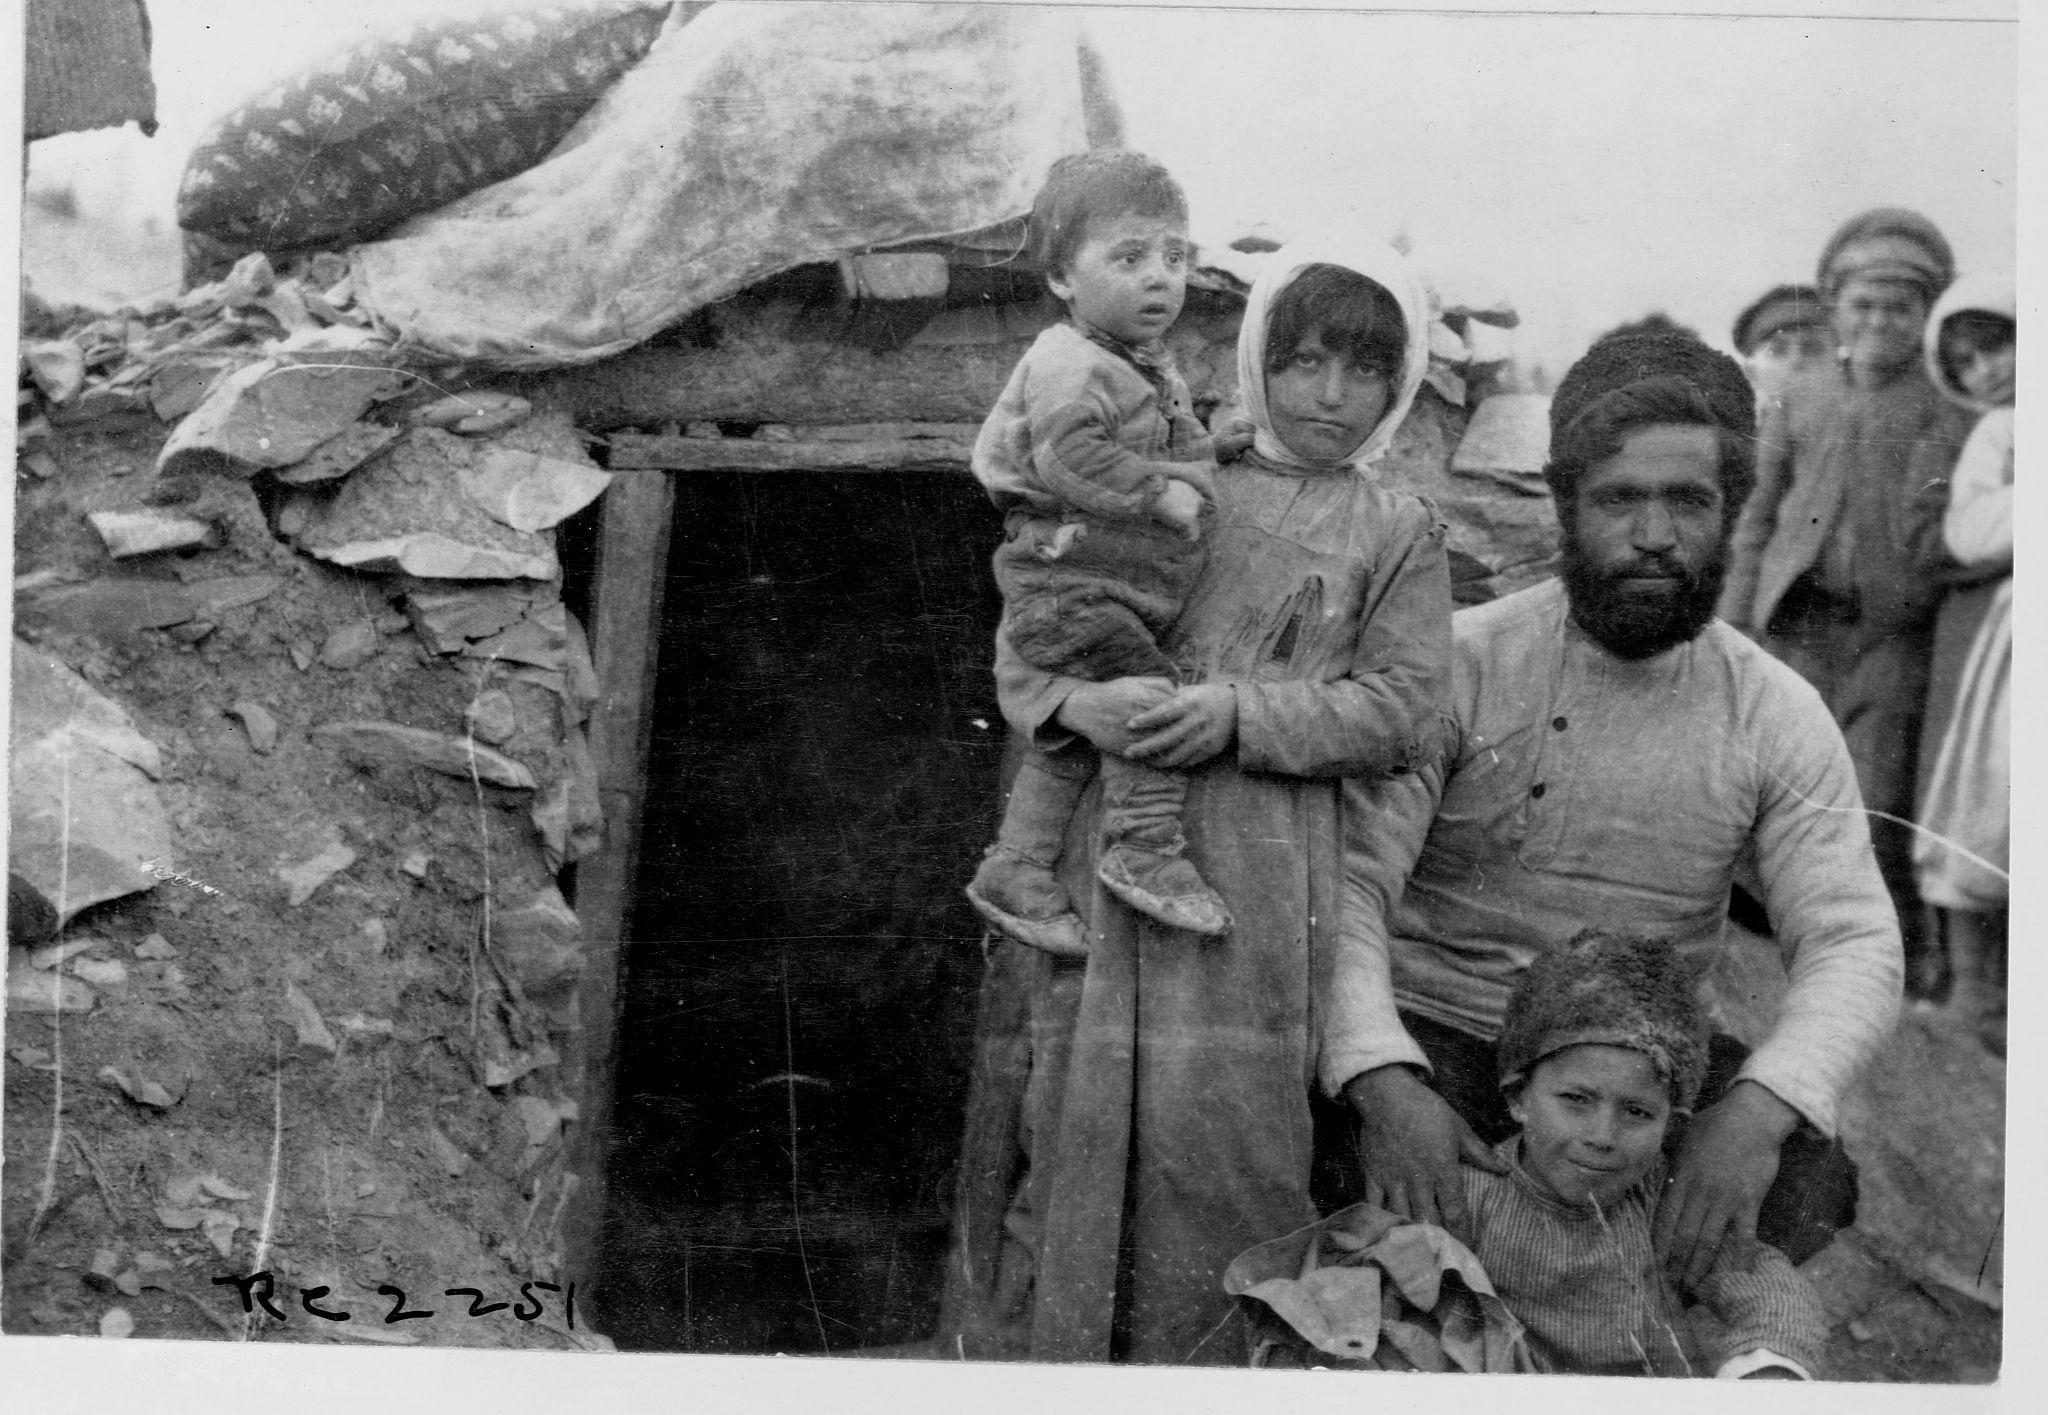 Семья беженцев стоит возле своей землянки в Новороссийске